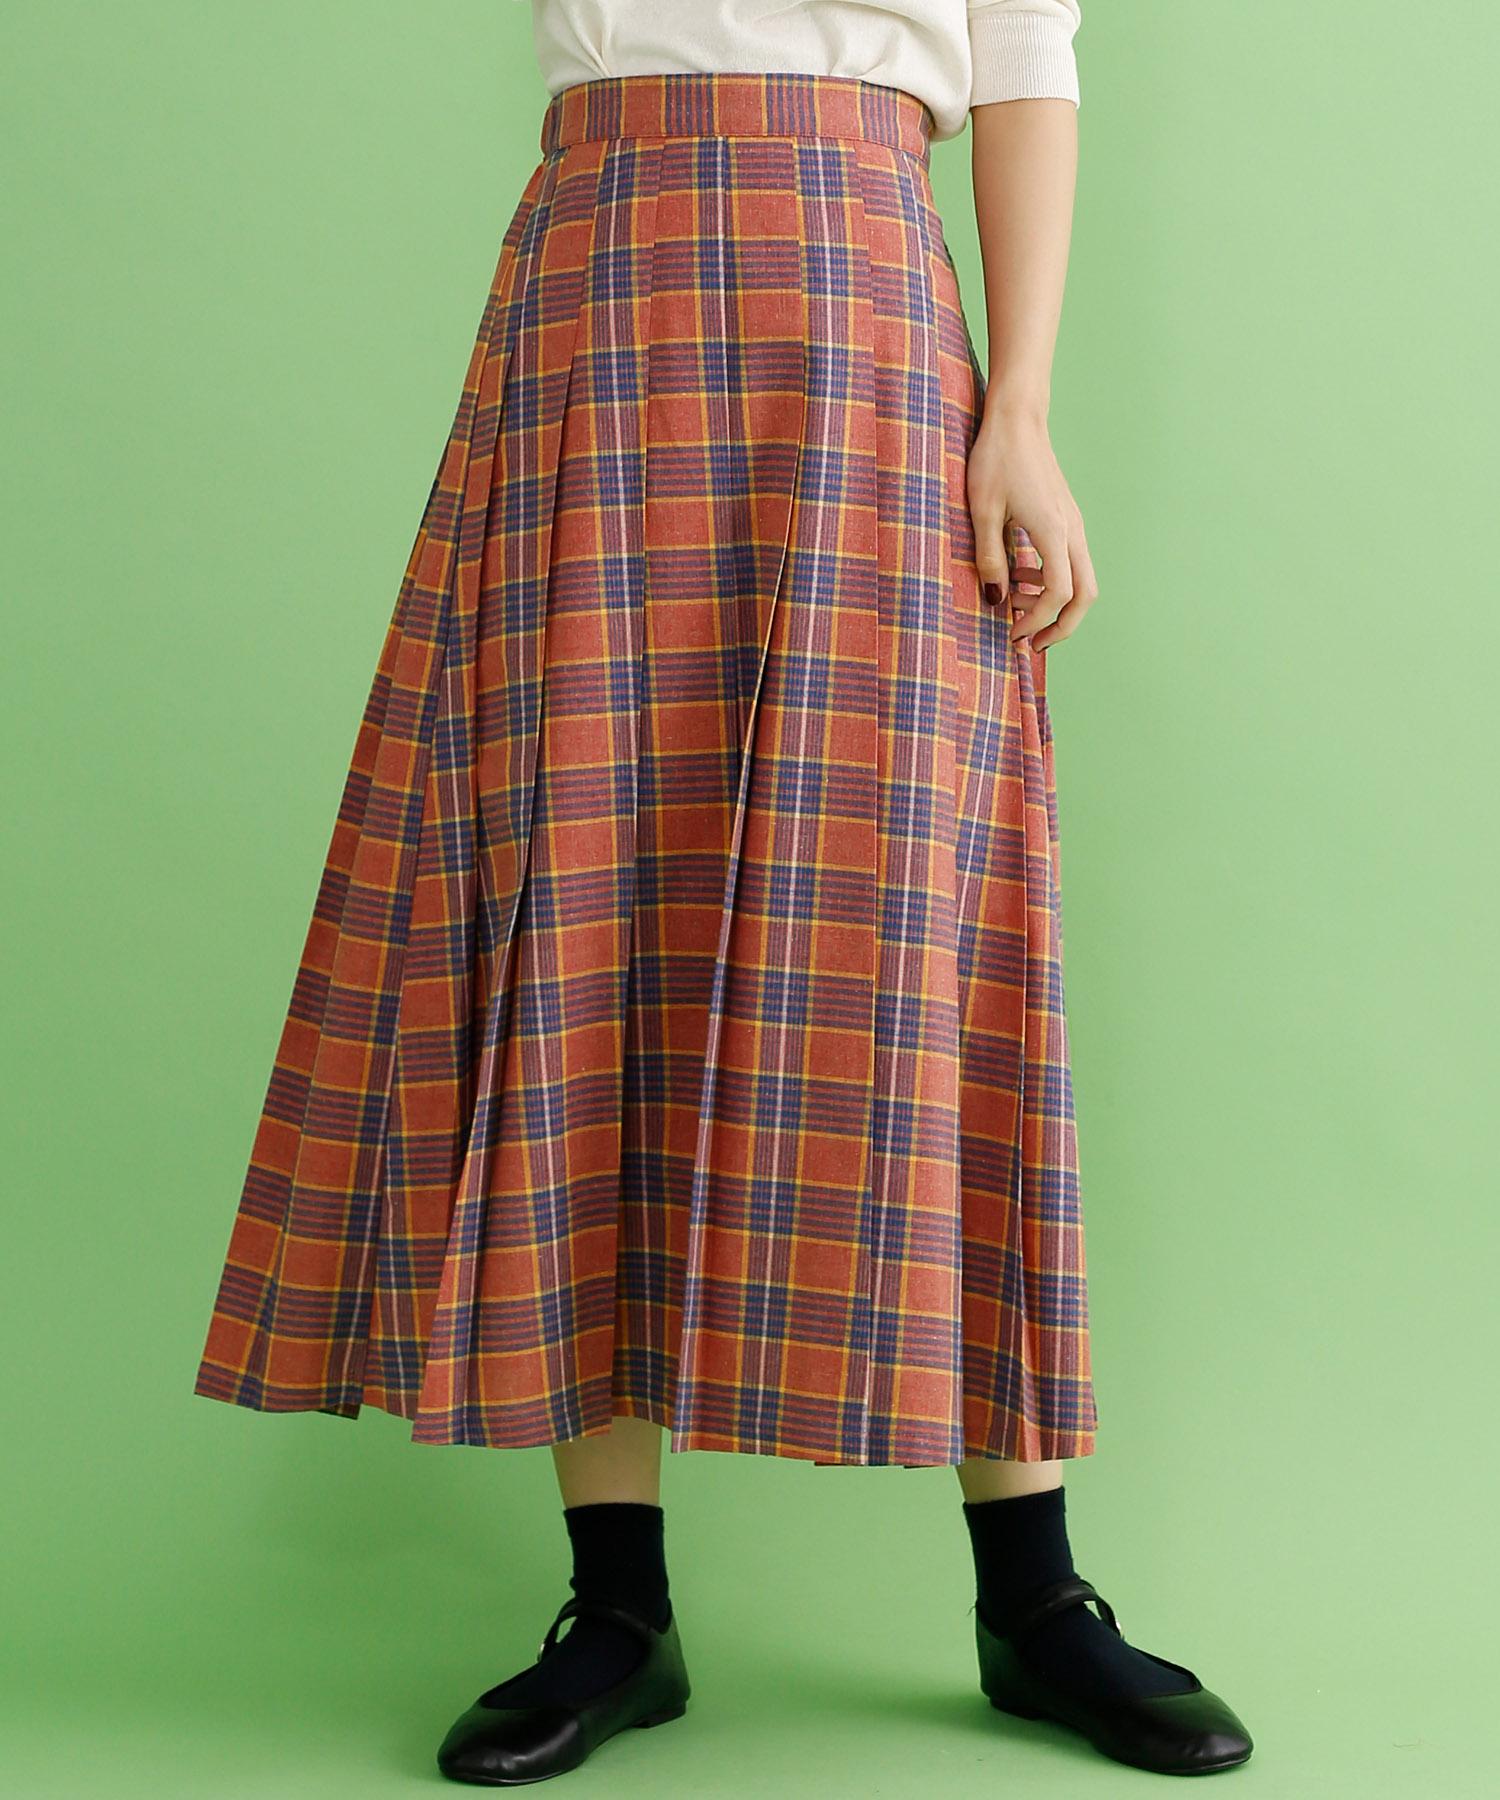 芸能人がホンマでっか!?TVで着用した衣装スカート、アウター